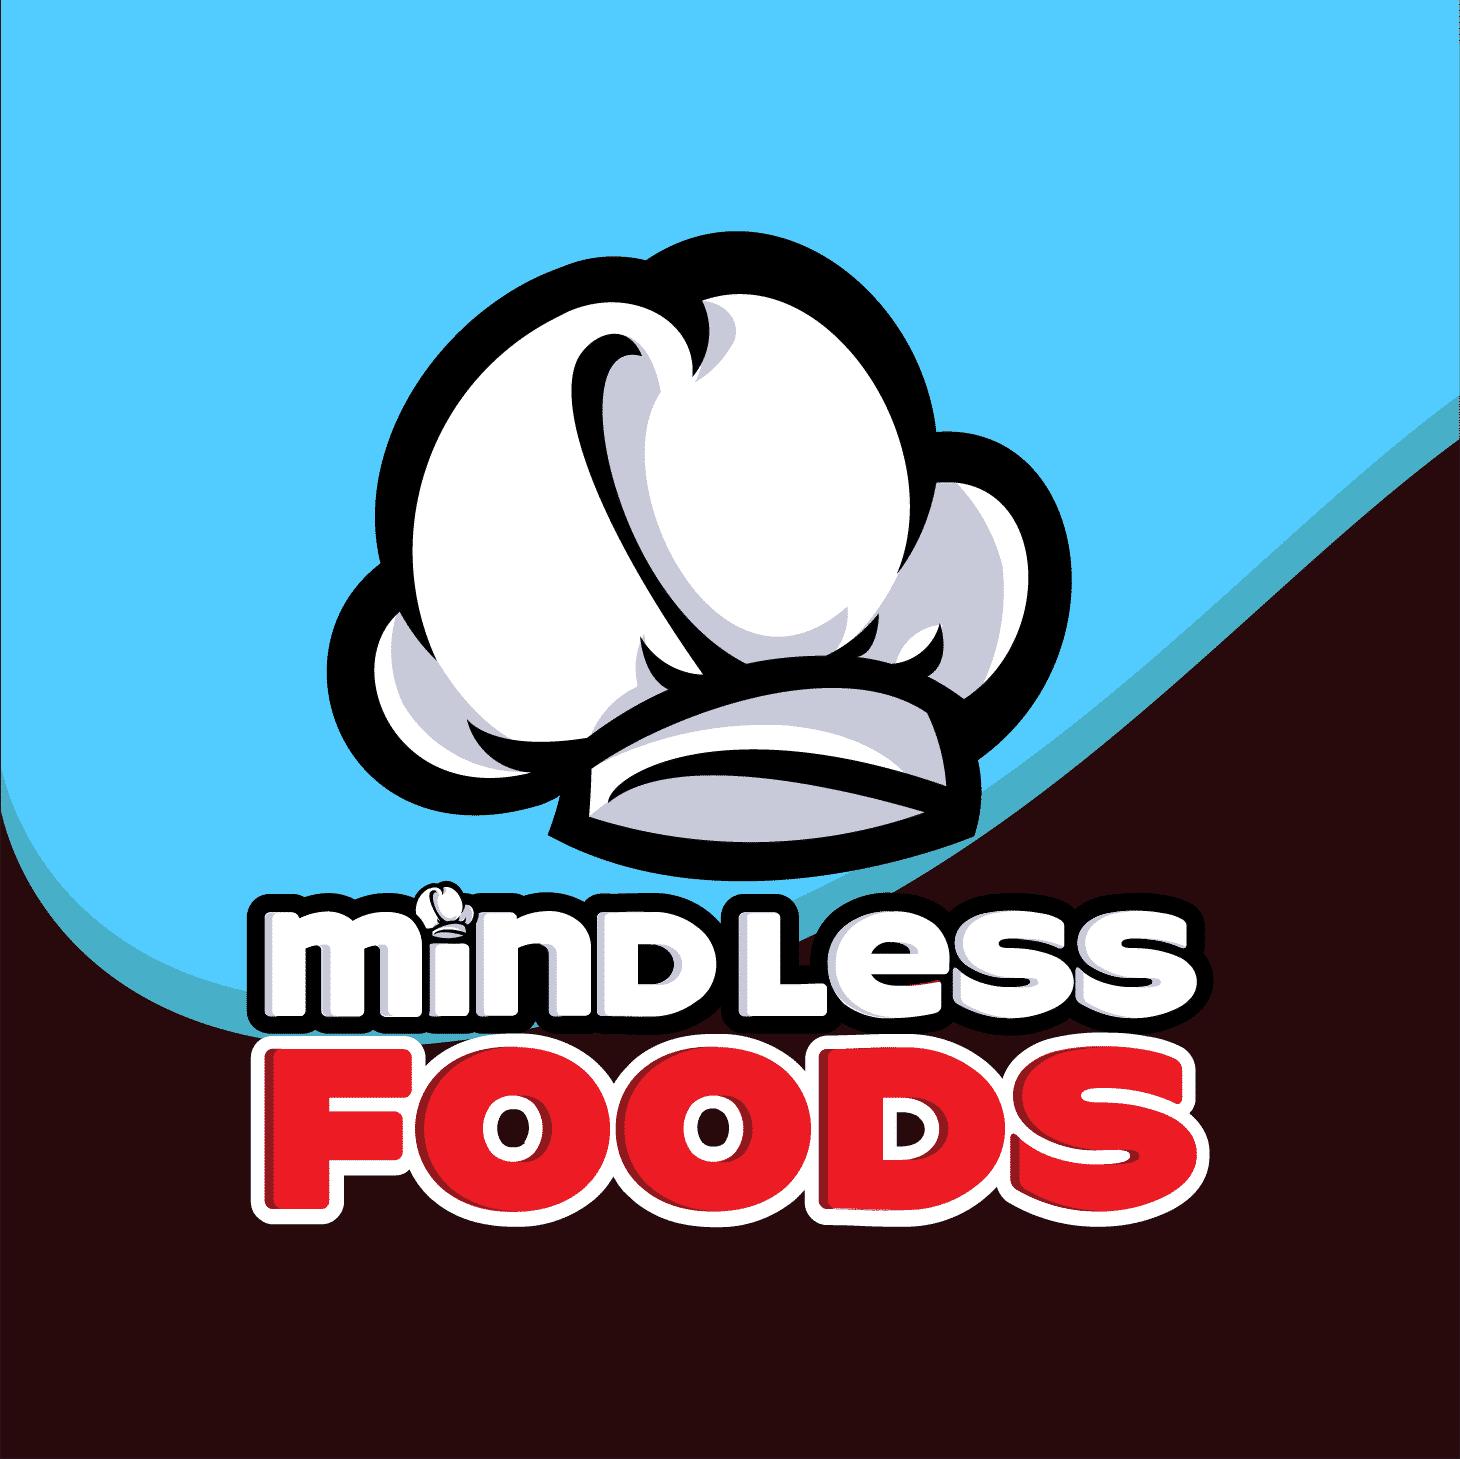 Mindless®